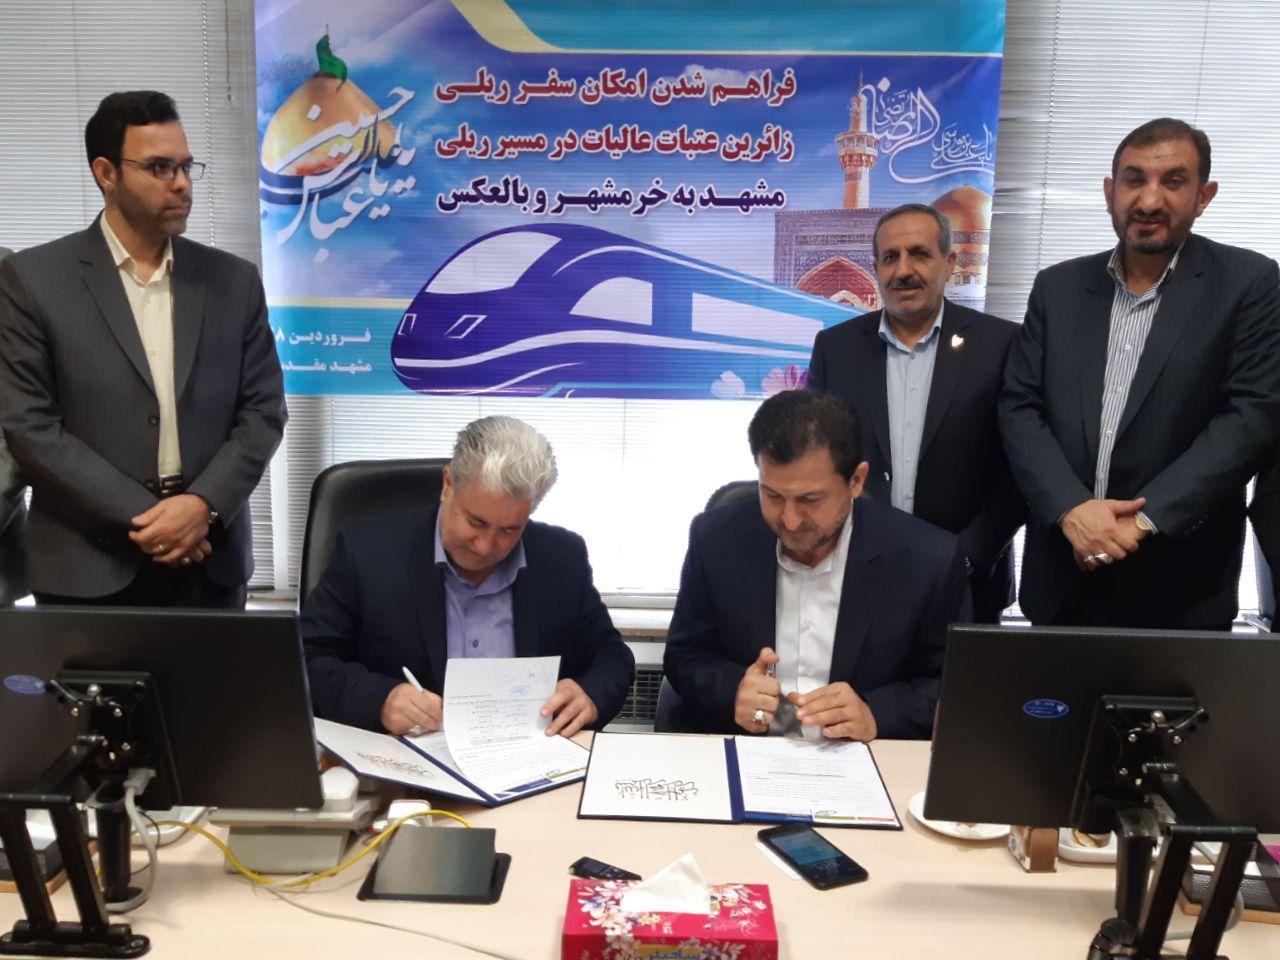 انعقاد قرارداد فراهم شدن امکان سفر ریلی زائرین عتبات عالیات در مسیر مشهد به خرمشهر و بالعکس